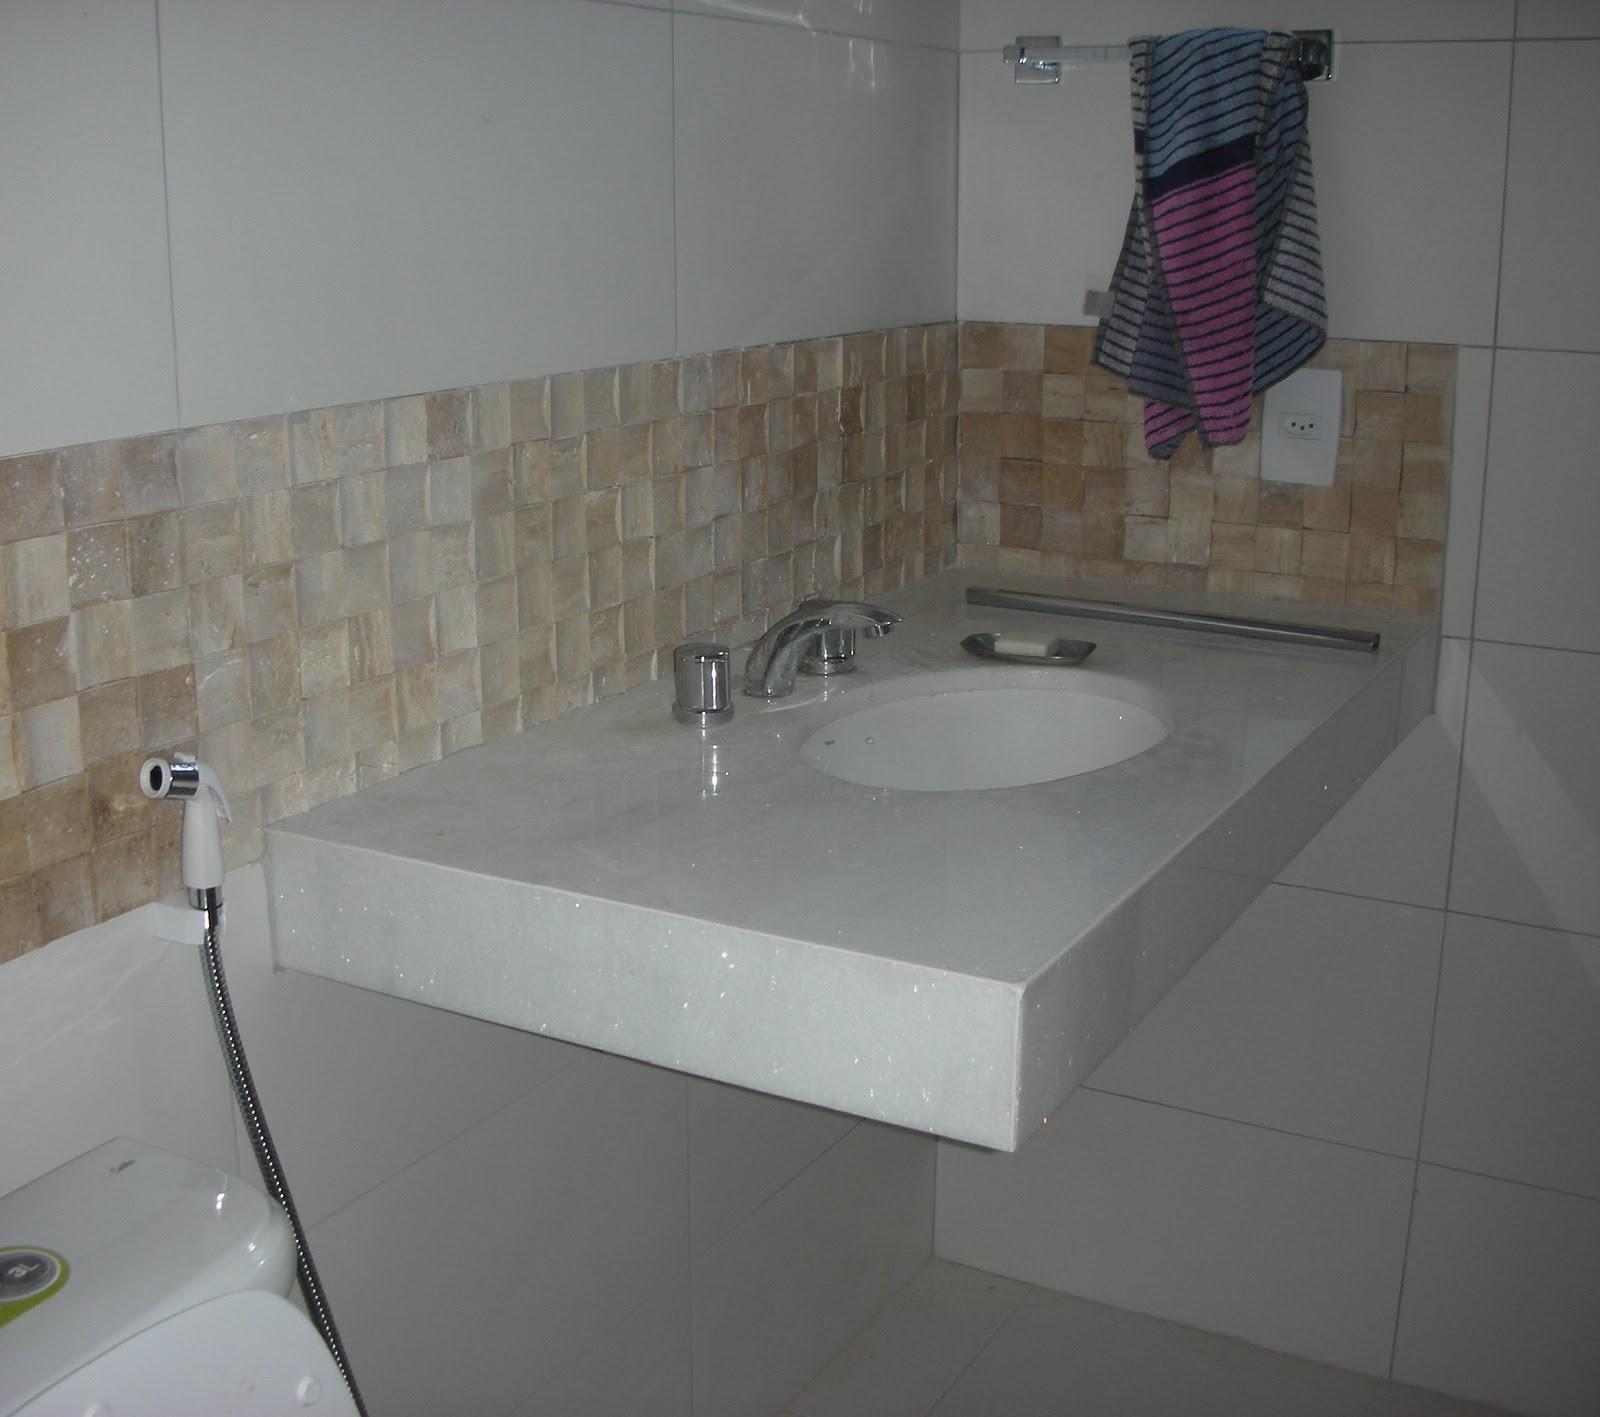 Faixa mosaico mármore travertino sobre bancada #594E44 1600x1417 Bancada Banheiro Rj